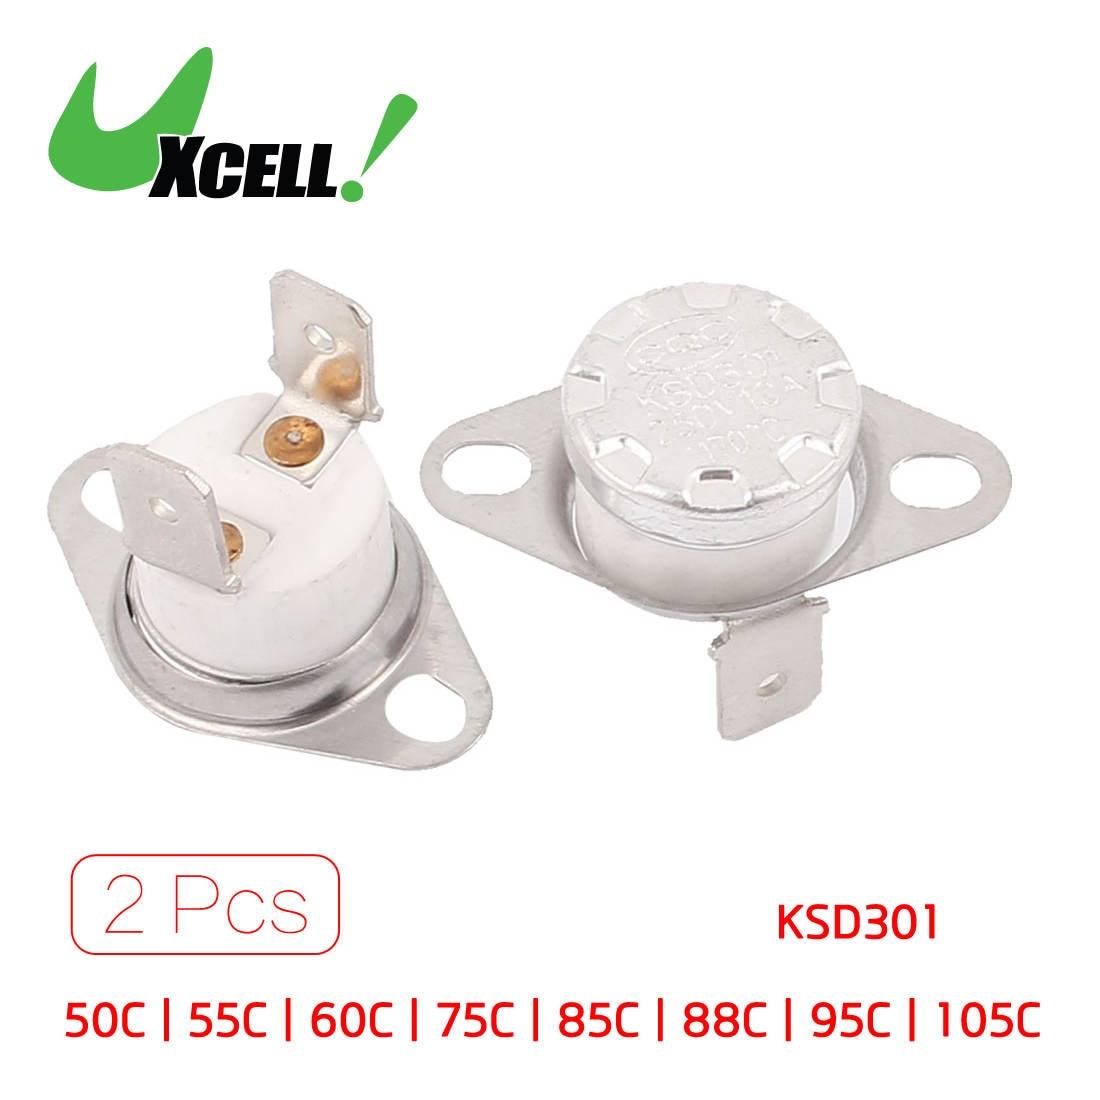 Uxcell 2 Pcs Nc 2 Pin Temperature Control Ceramic Thermostat Swtich Ac250v 105c  110c  115c  120c  125c  170c  175c  50c ...